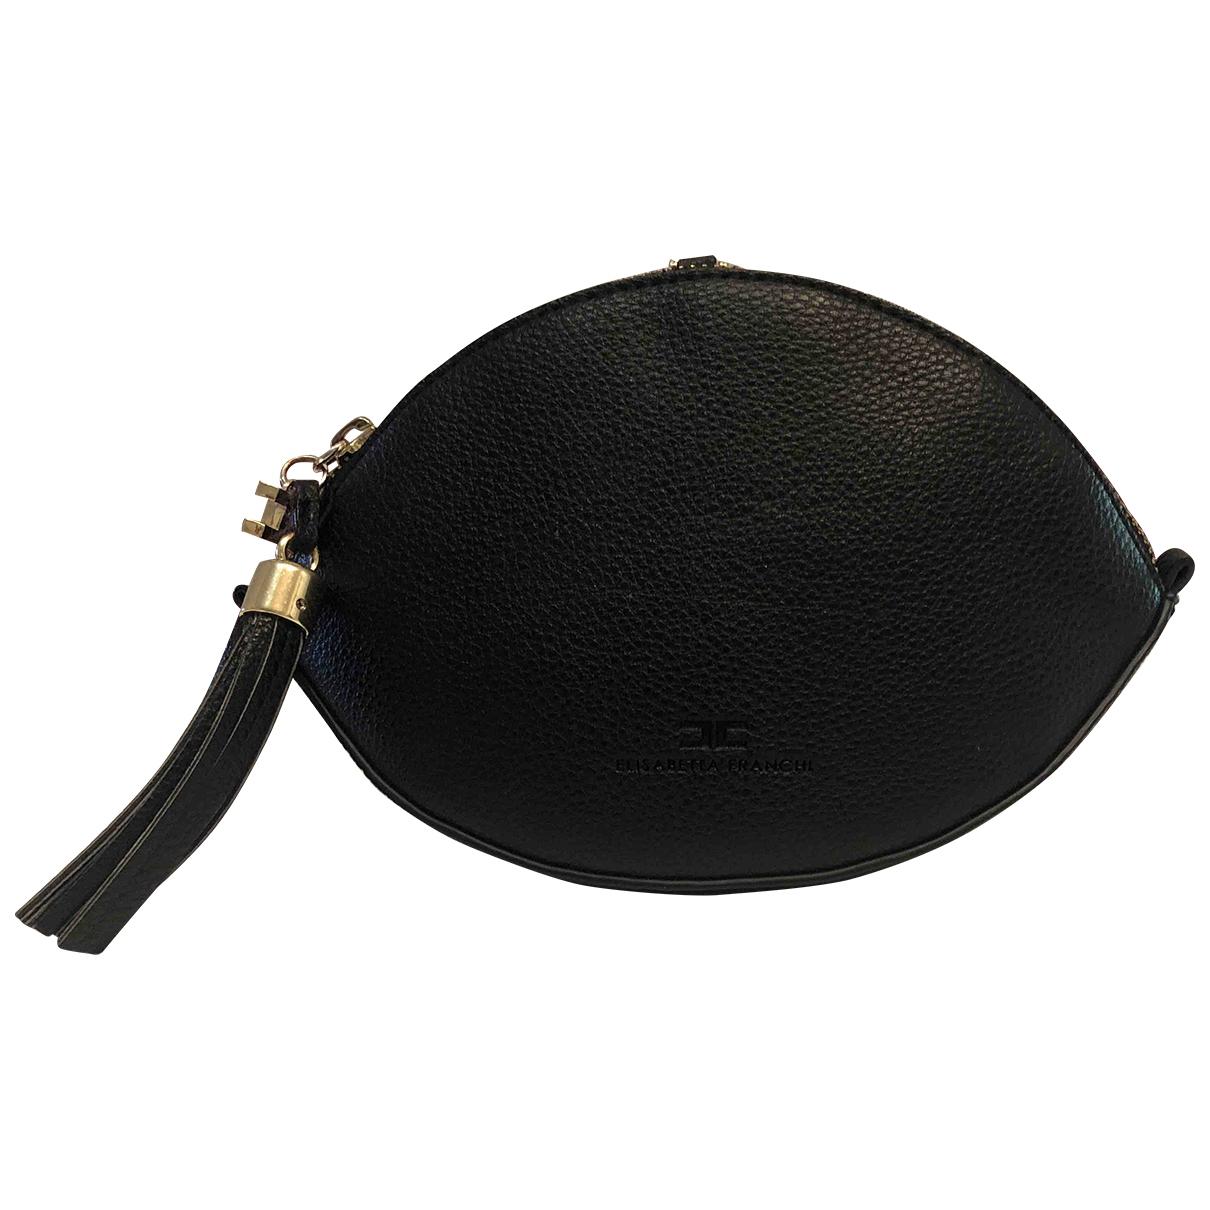 Elisabetta Franchi \N Black Leather Clutch bag for Women \N